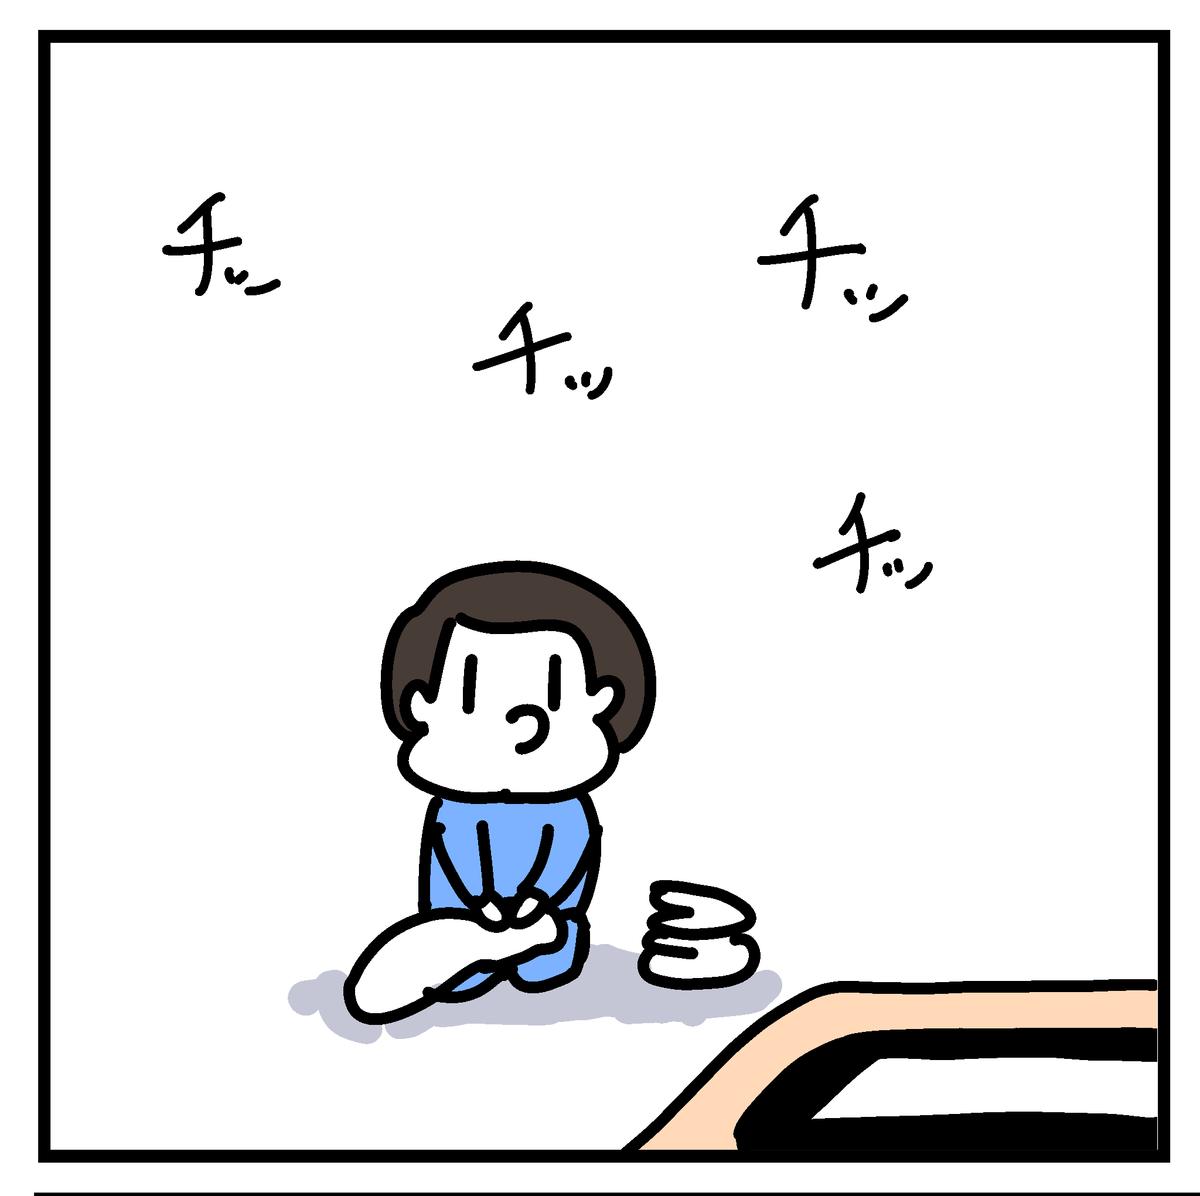 f:id:YuruFuwaTa:20200618112319p:plain